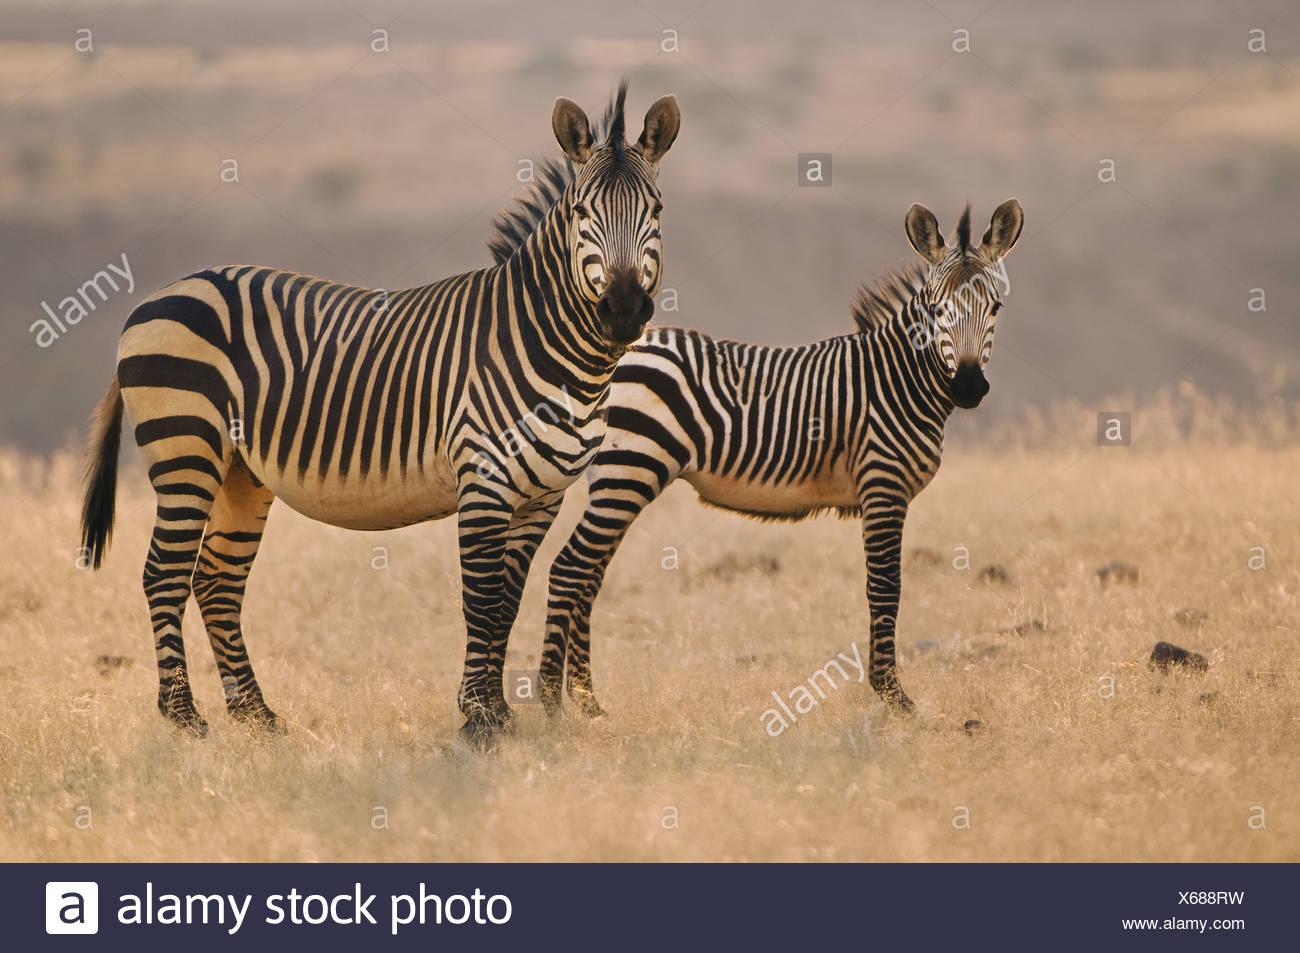 Torra Conservancy Damaraland Namibia montaña dos cebras Equus zebra en llanuras Namibia Imagen De Stock